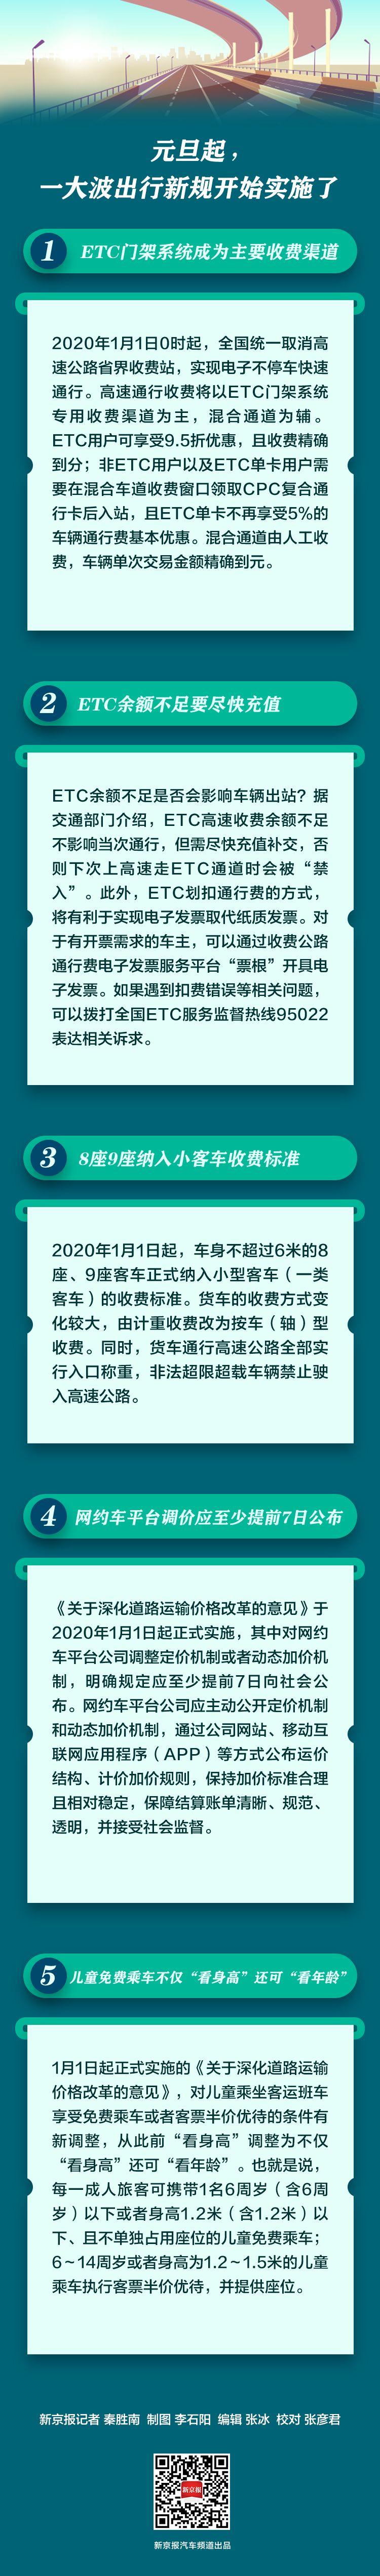 张燕生:海南要打造自贸港首先要打造开放性经济